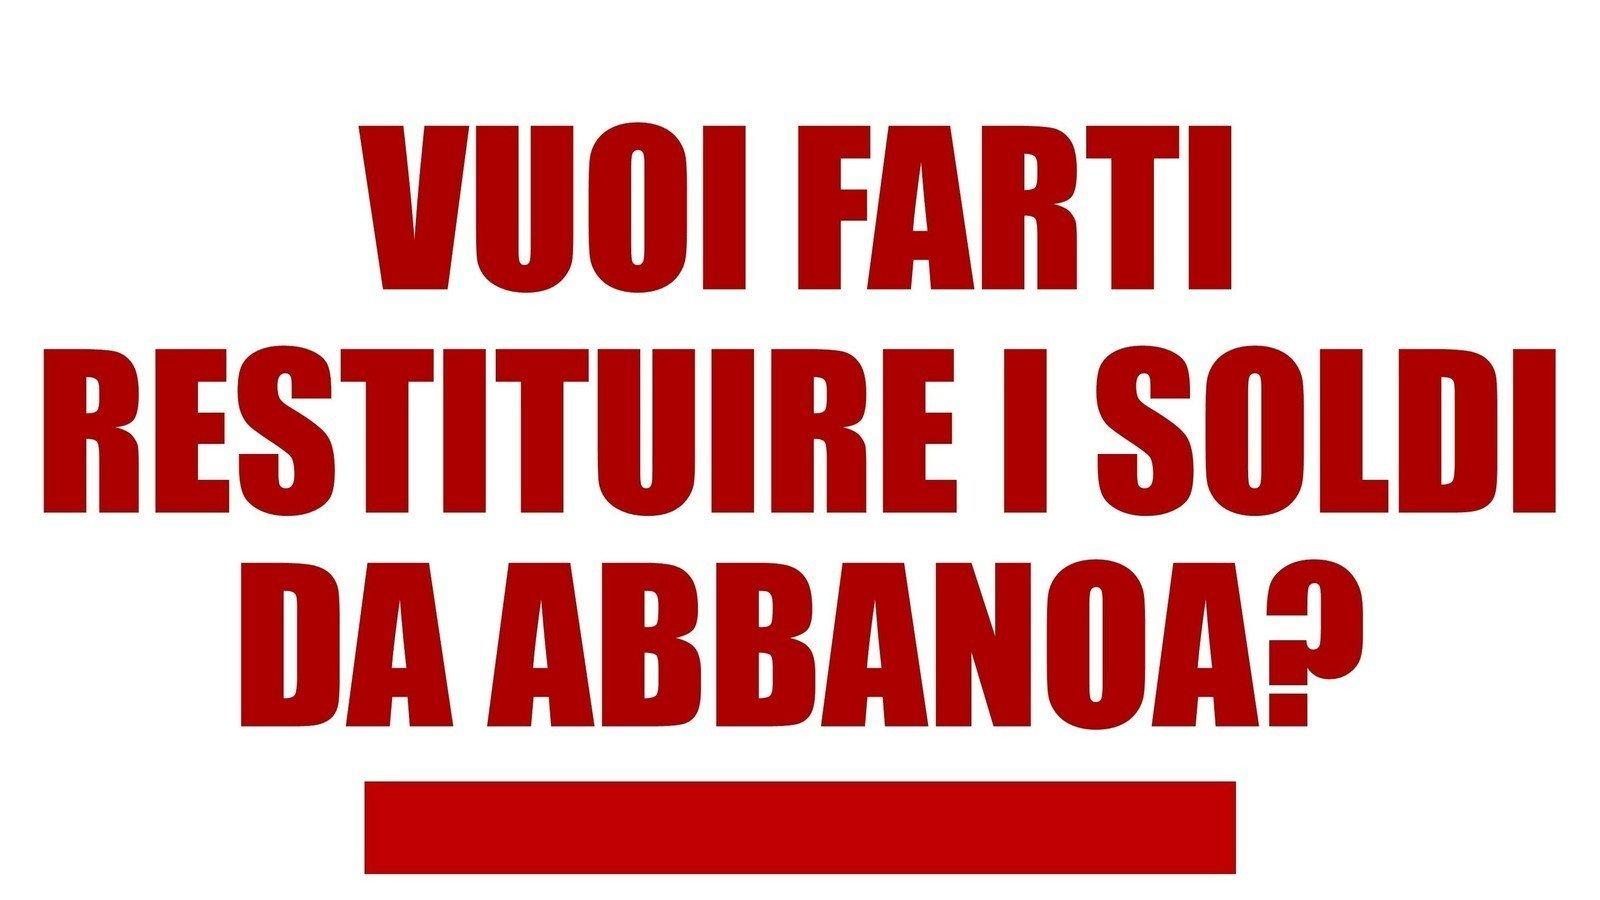 FATTURE ABBANOA SCARICARE